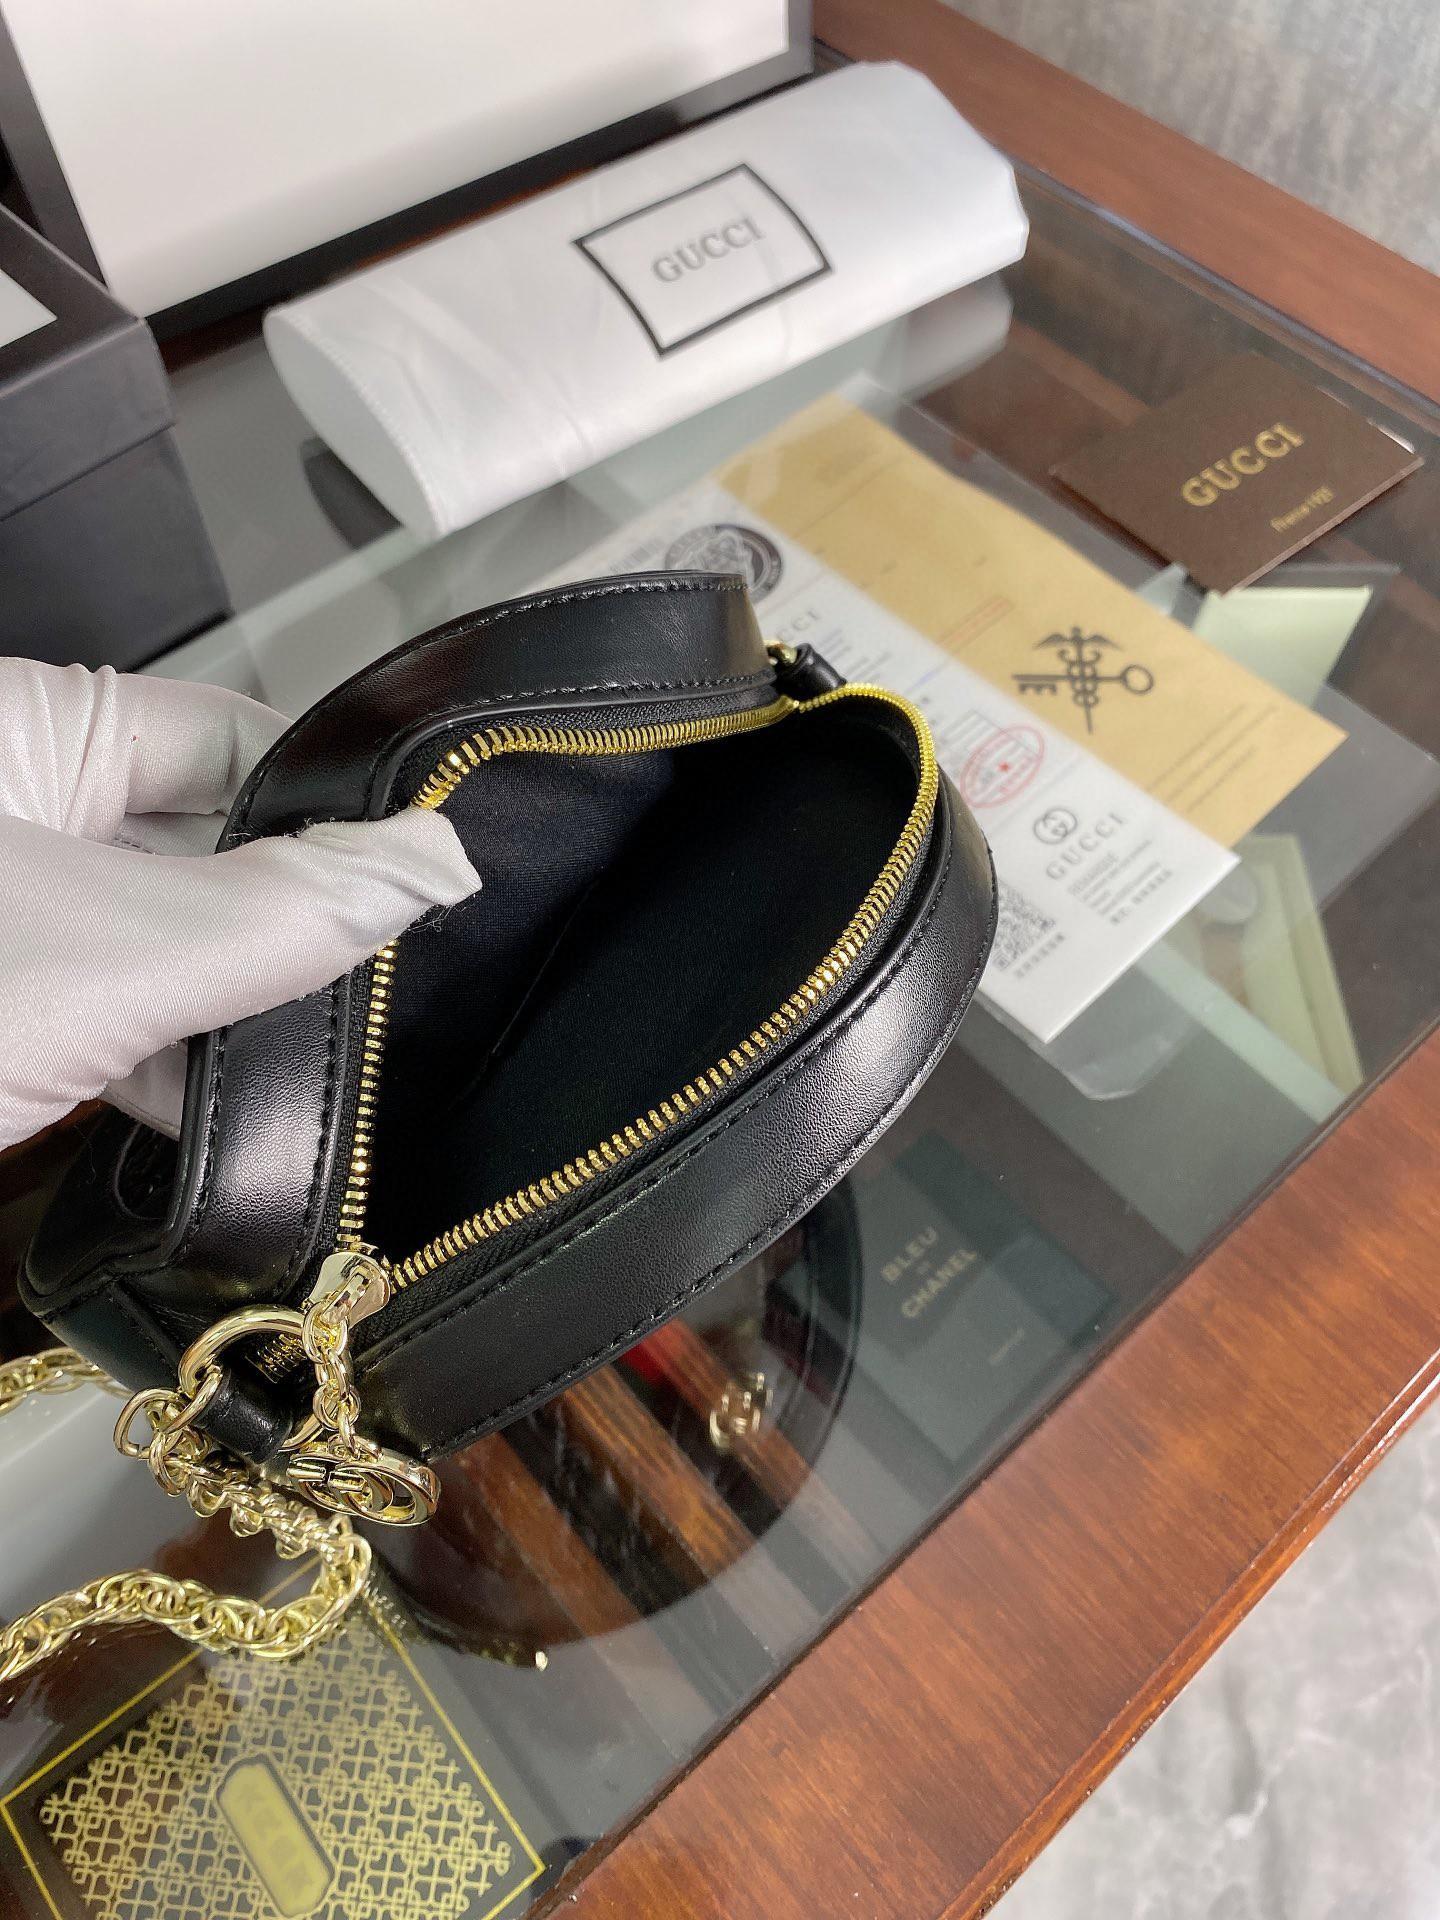 sac à main préféré concepteur accessoires multi luxe sac pochette 85512586155 Poids: 1,15 kg Taille: 17 * 17 (cm) haut de gamme sur mesure de qualité fa